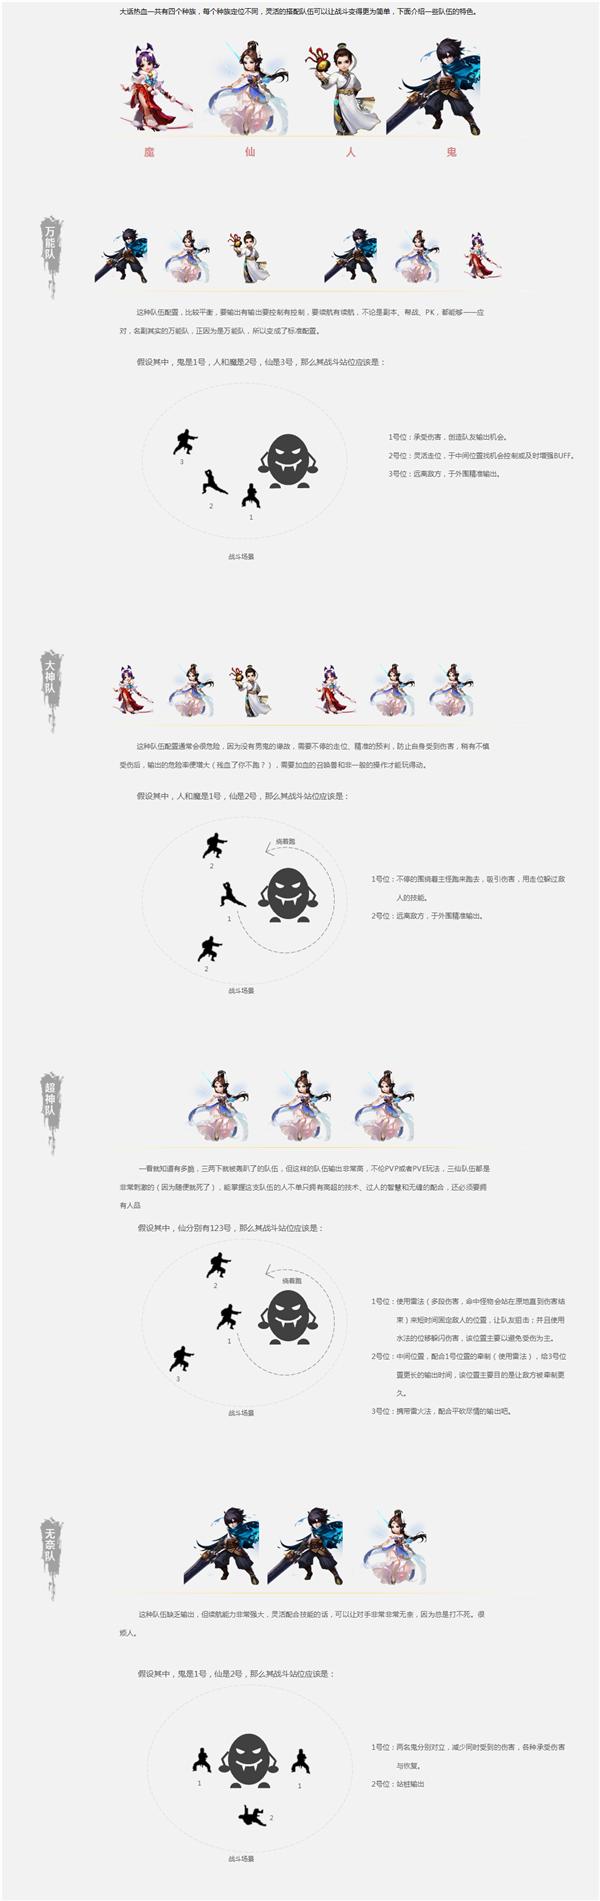 大话西游热血版最强阵容搭配推荐: 万能队怎么搭配?[多图]图片2